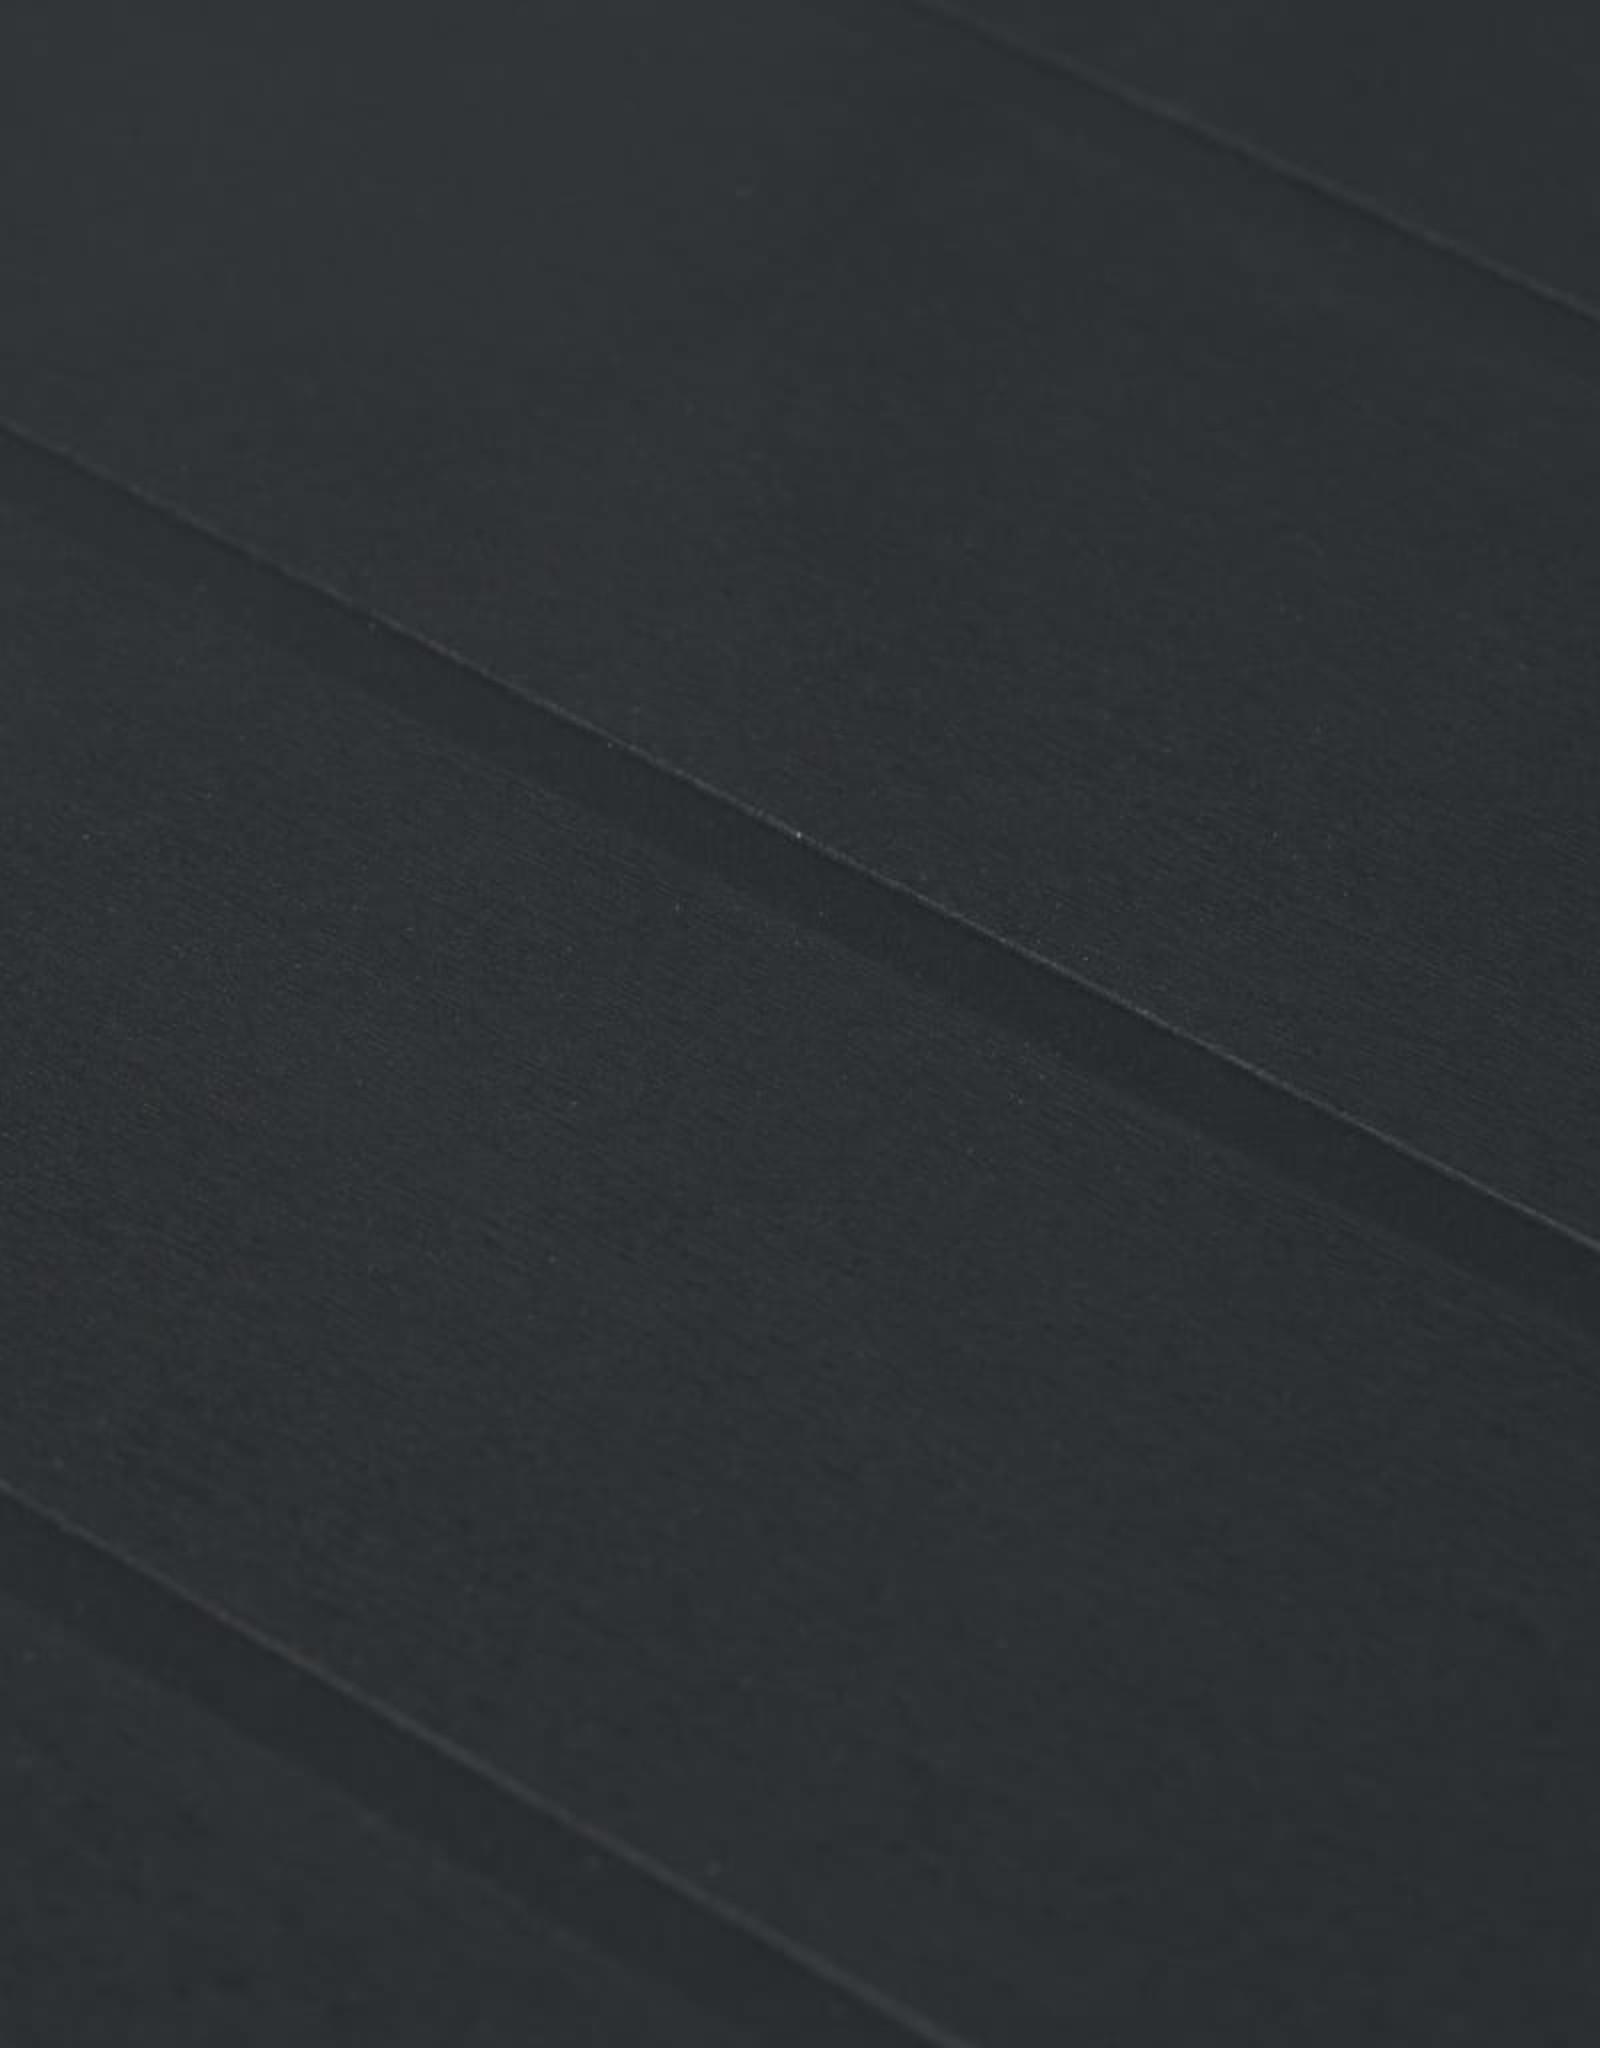 vidaXL 5-delige Tuinset rattan-look kunststof antraciet